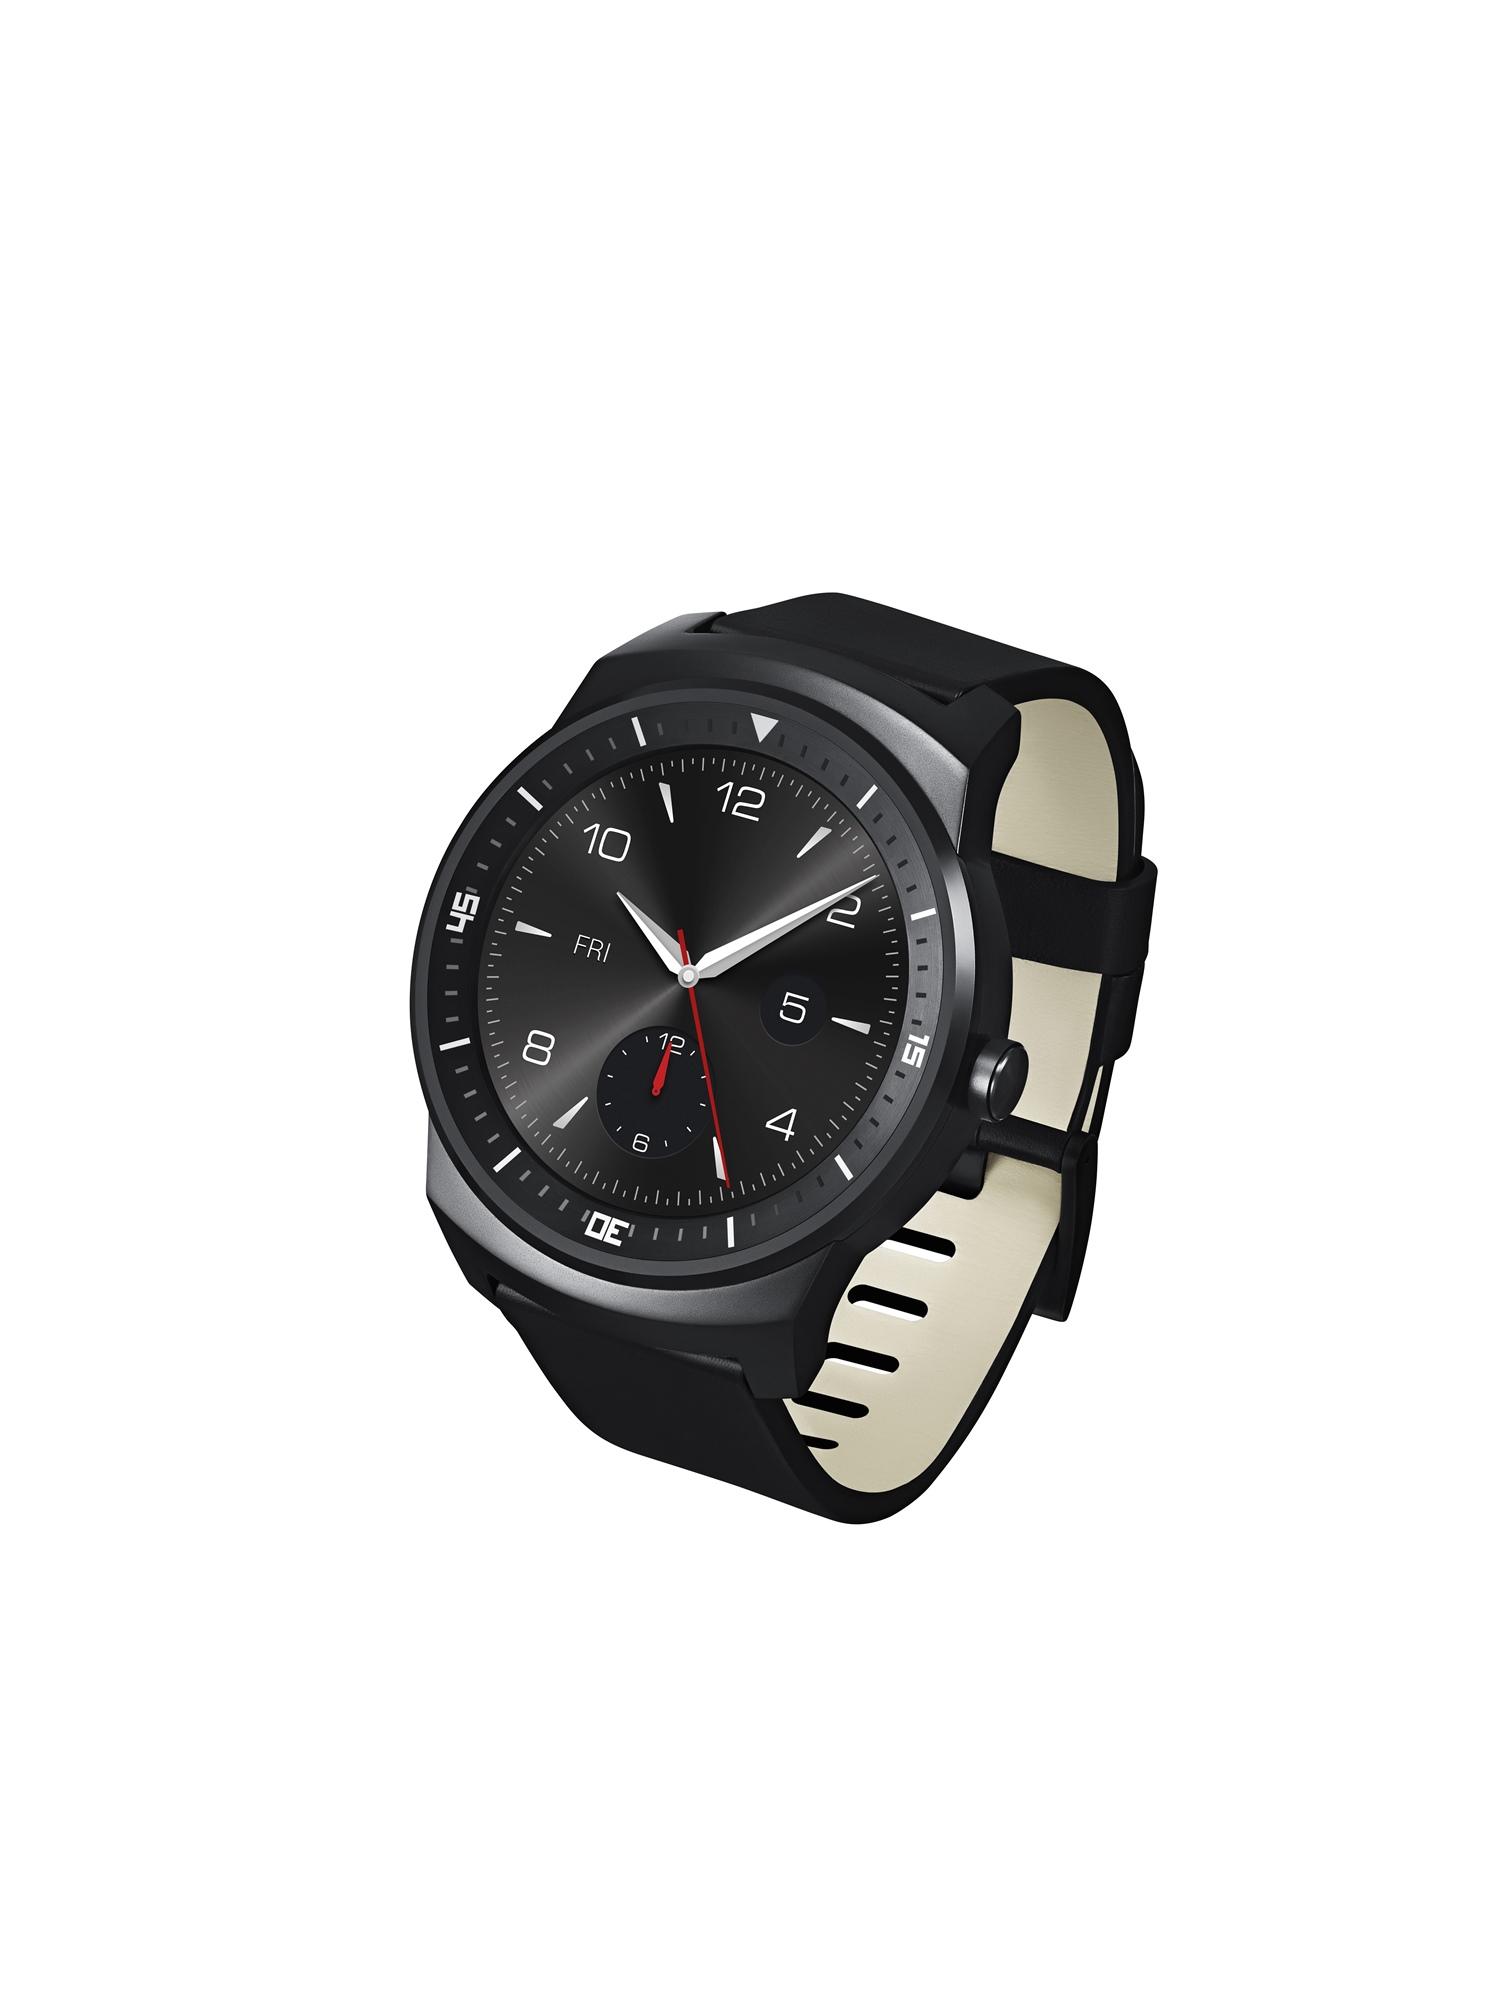 LG G Watch R risoluzione